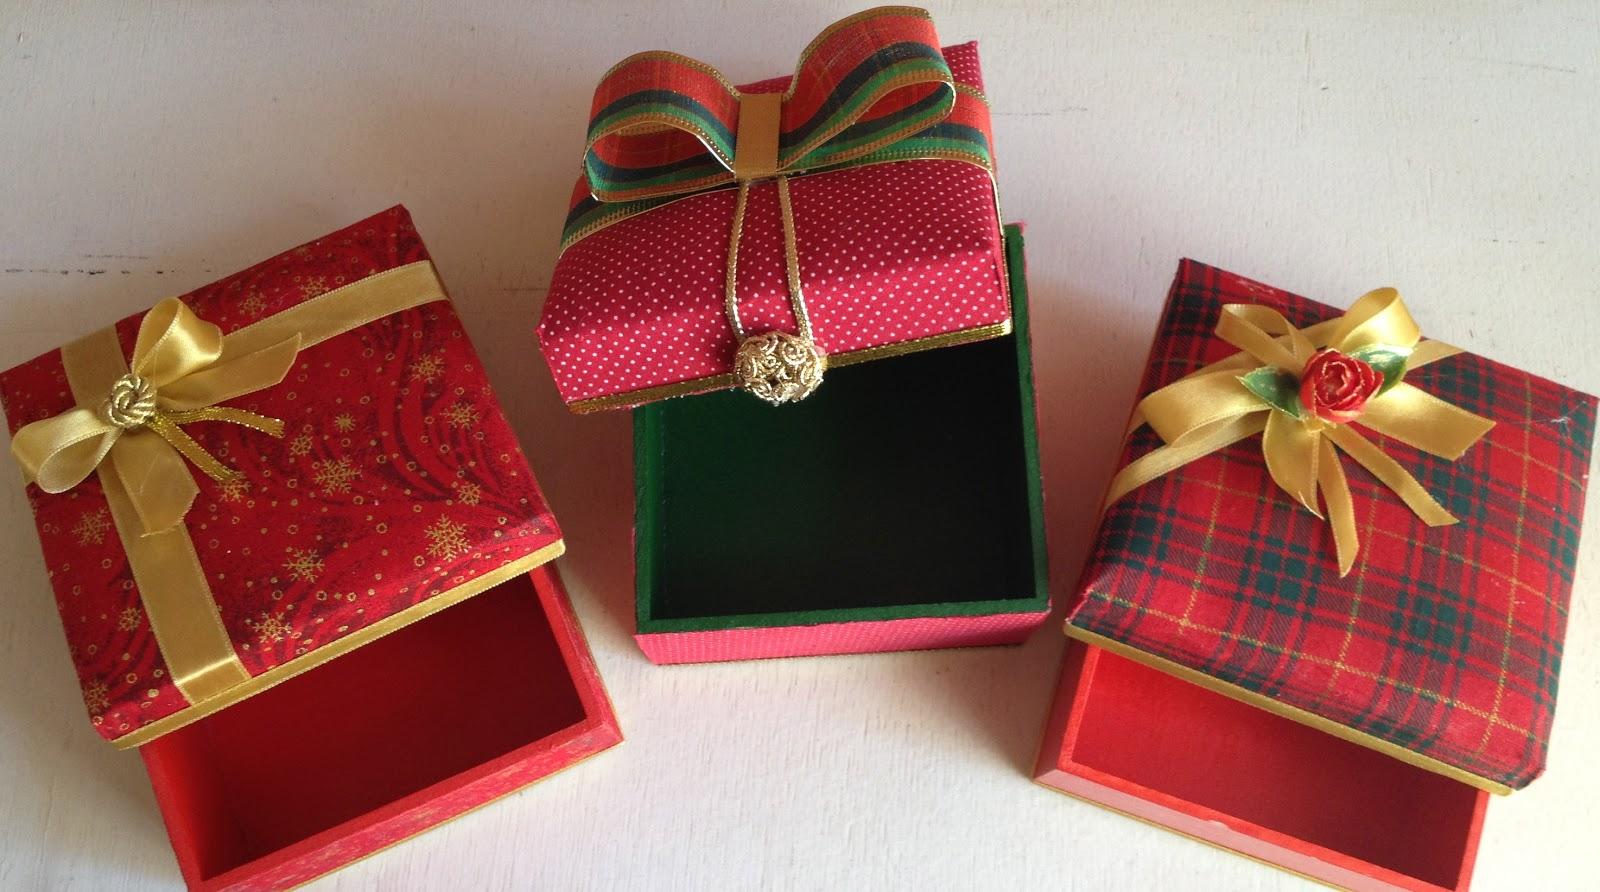 Atelie e arte: Caixas de madeira para presente Motivos natalinos #A92237 1600x892